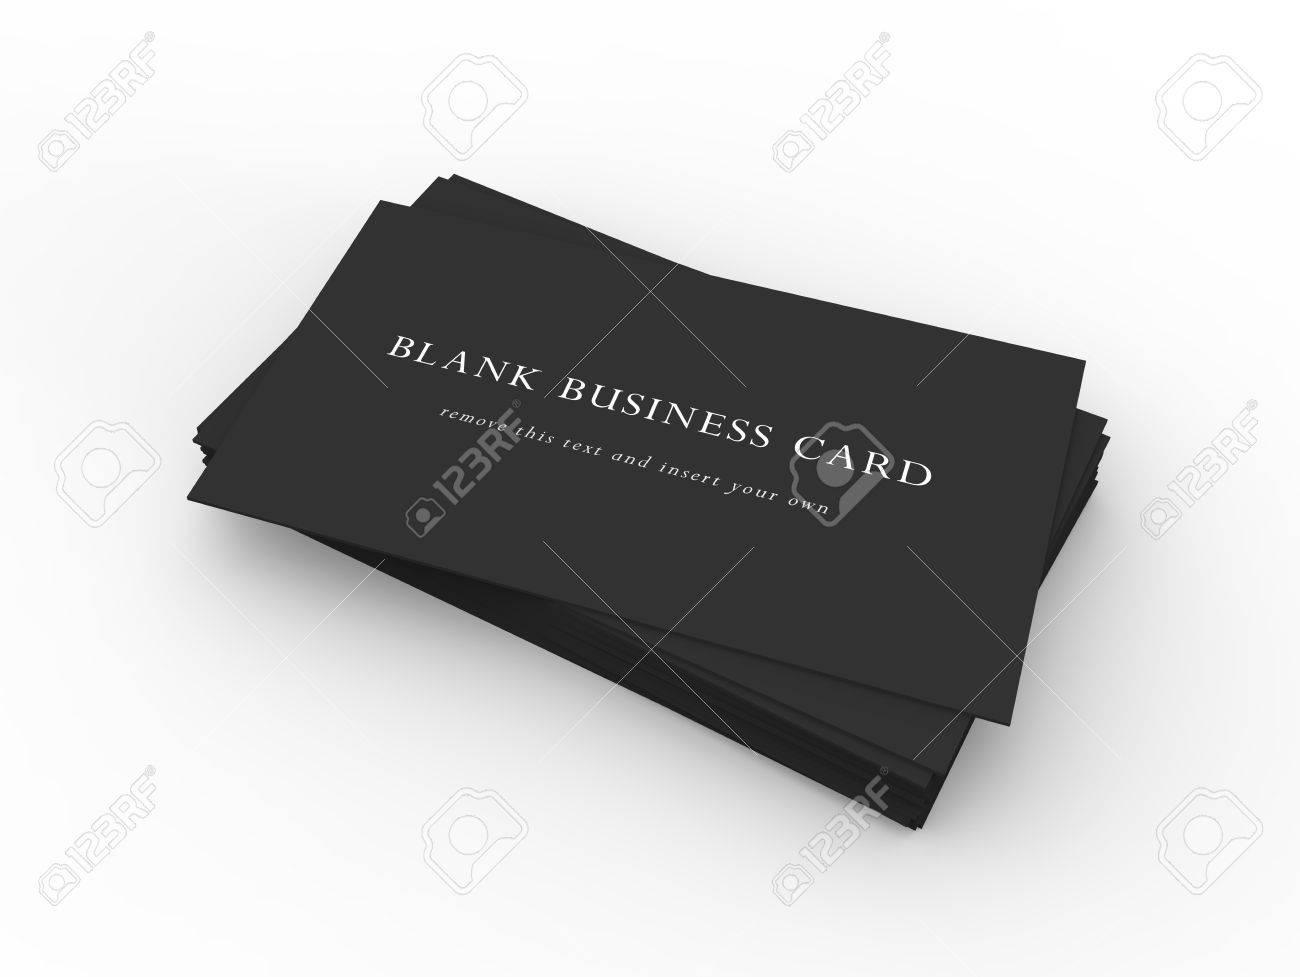 Une Pile De Cartes Visite Noir Sur Un Bureau En Bois Fonce Facile